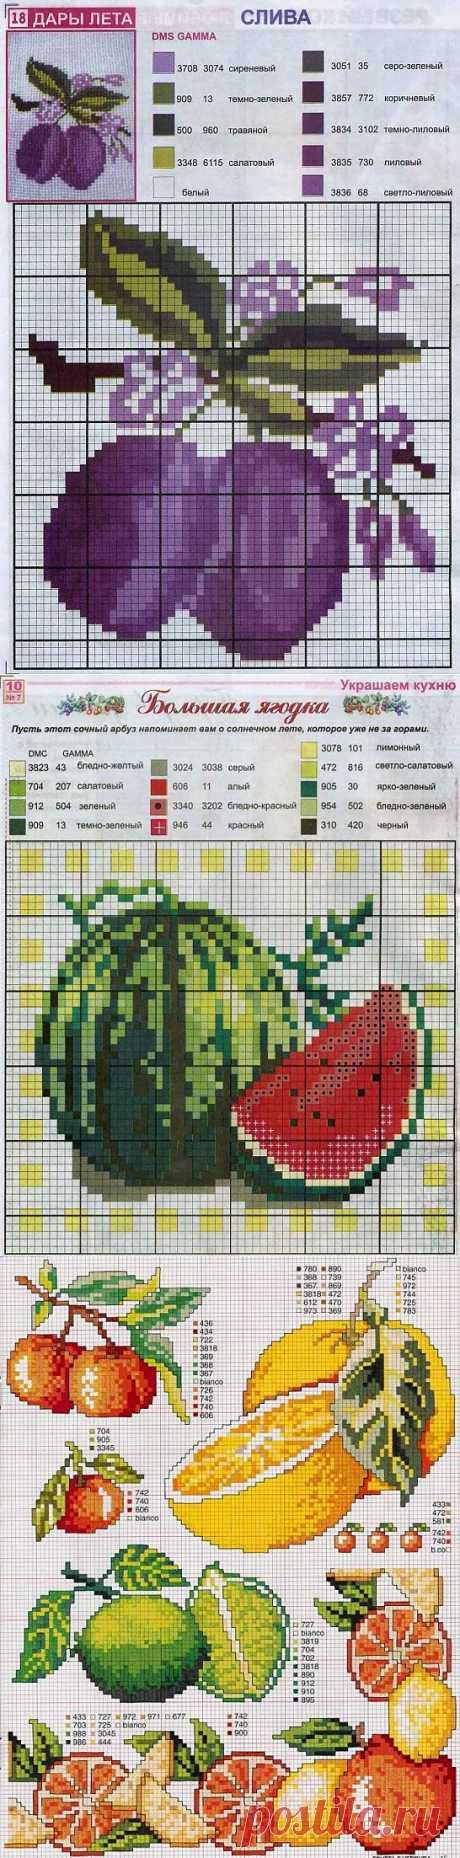 Схемы фруктов / Схемы вышивки крестиком / PassionForum - мастер-классы по рукоделию